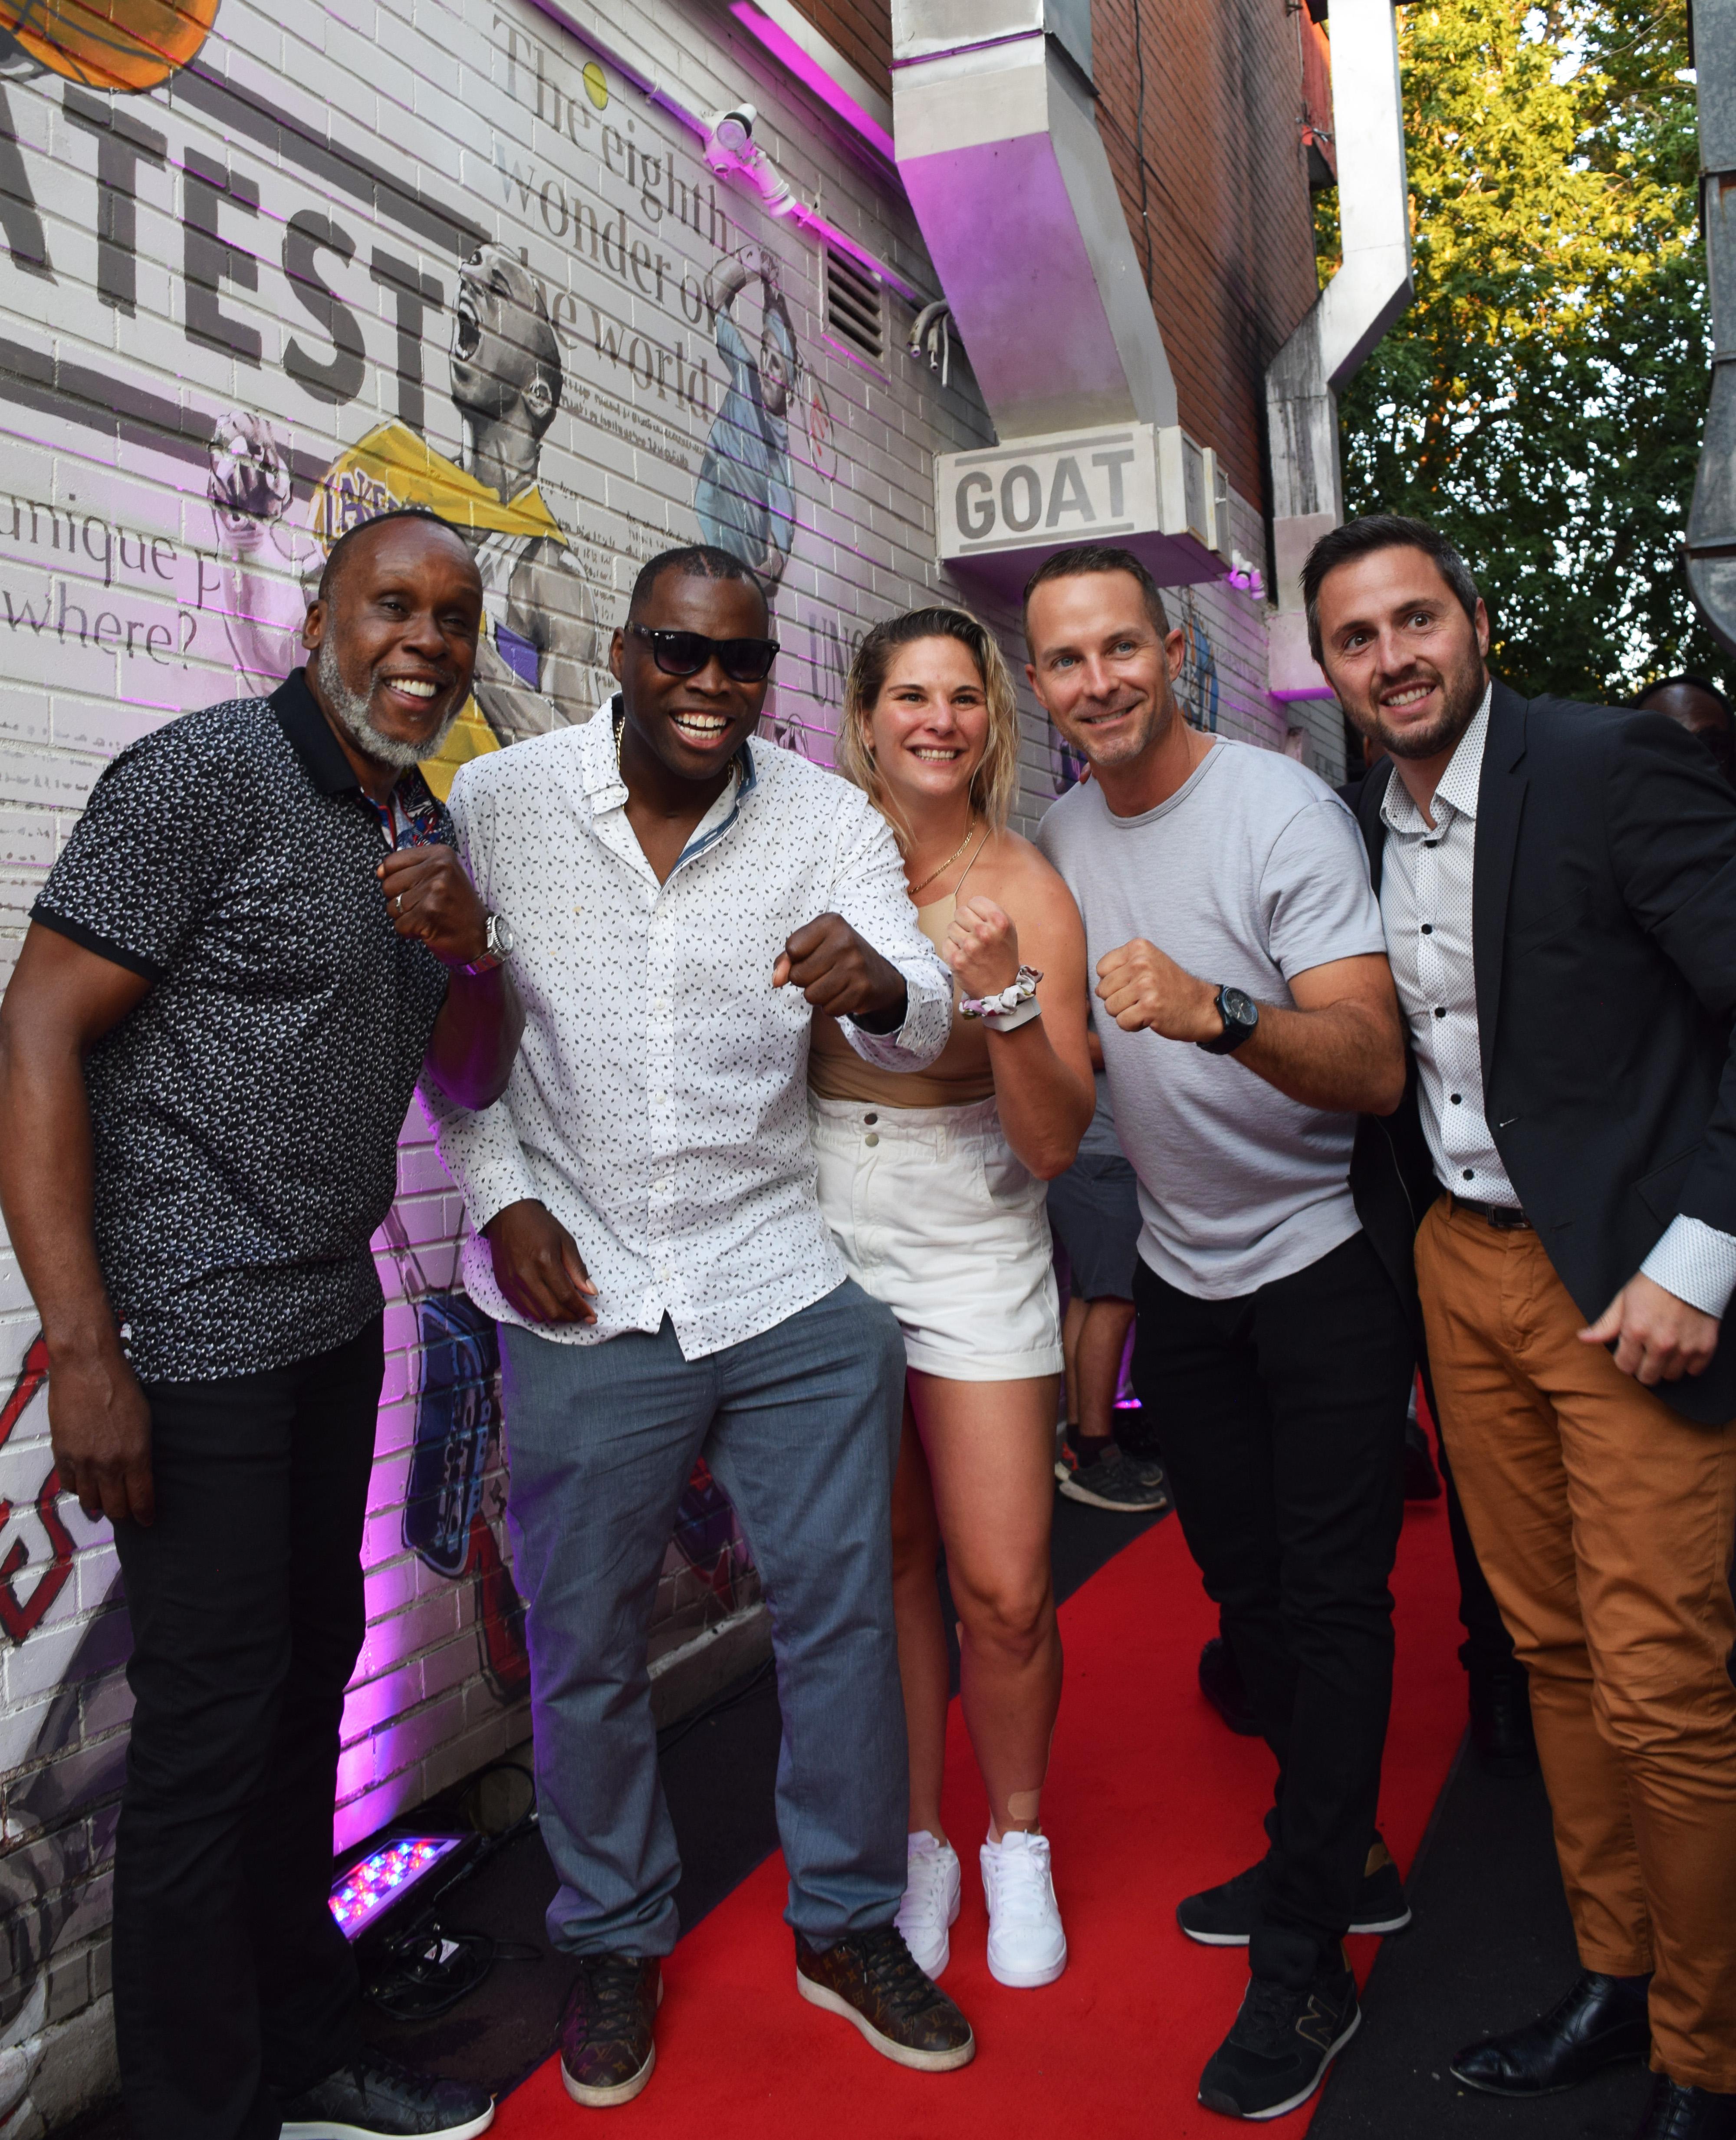 Plusieurs personnalités sportives à l'ouverture du nouveau restaurant G.O.A.T. Grill à Montréal